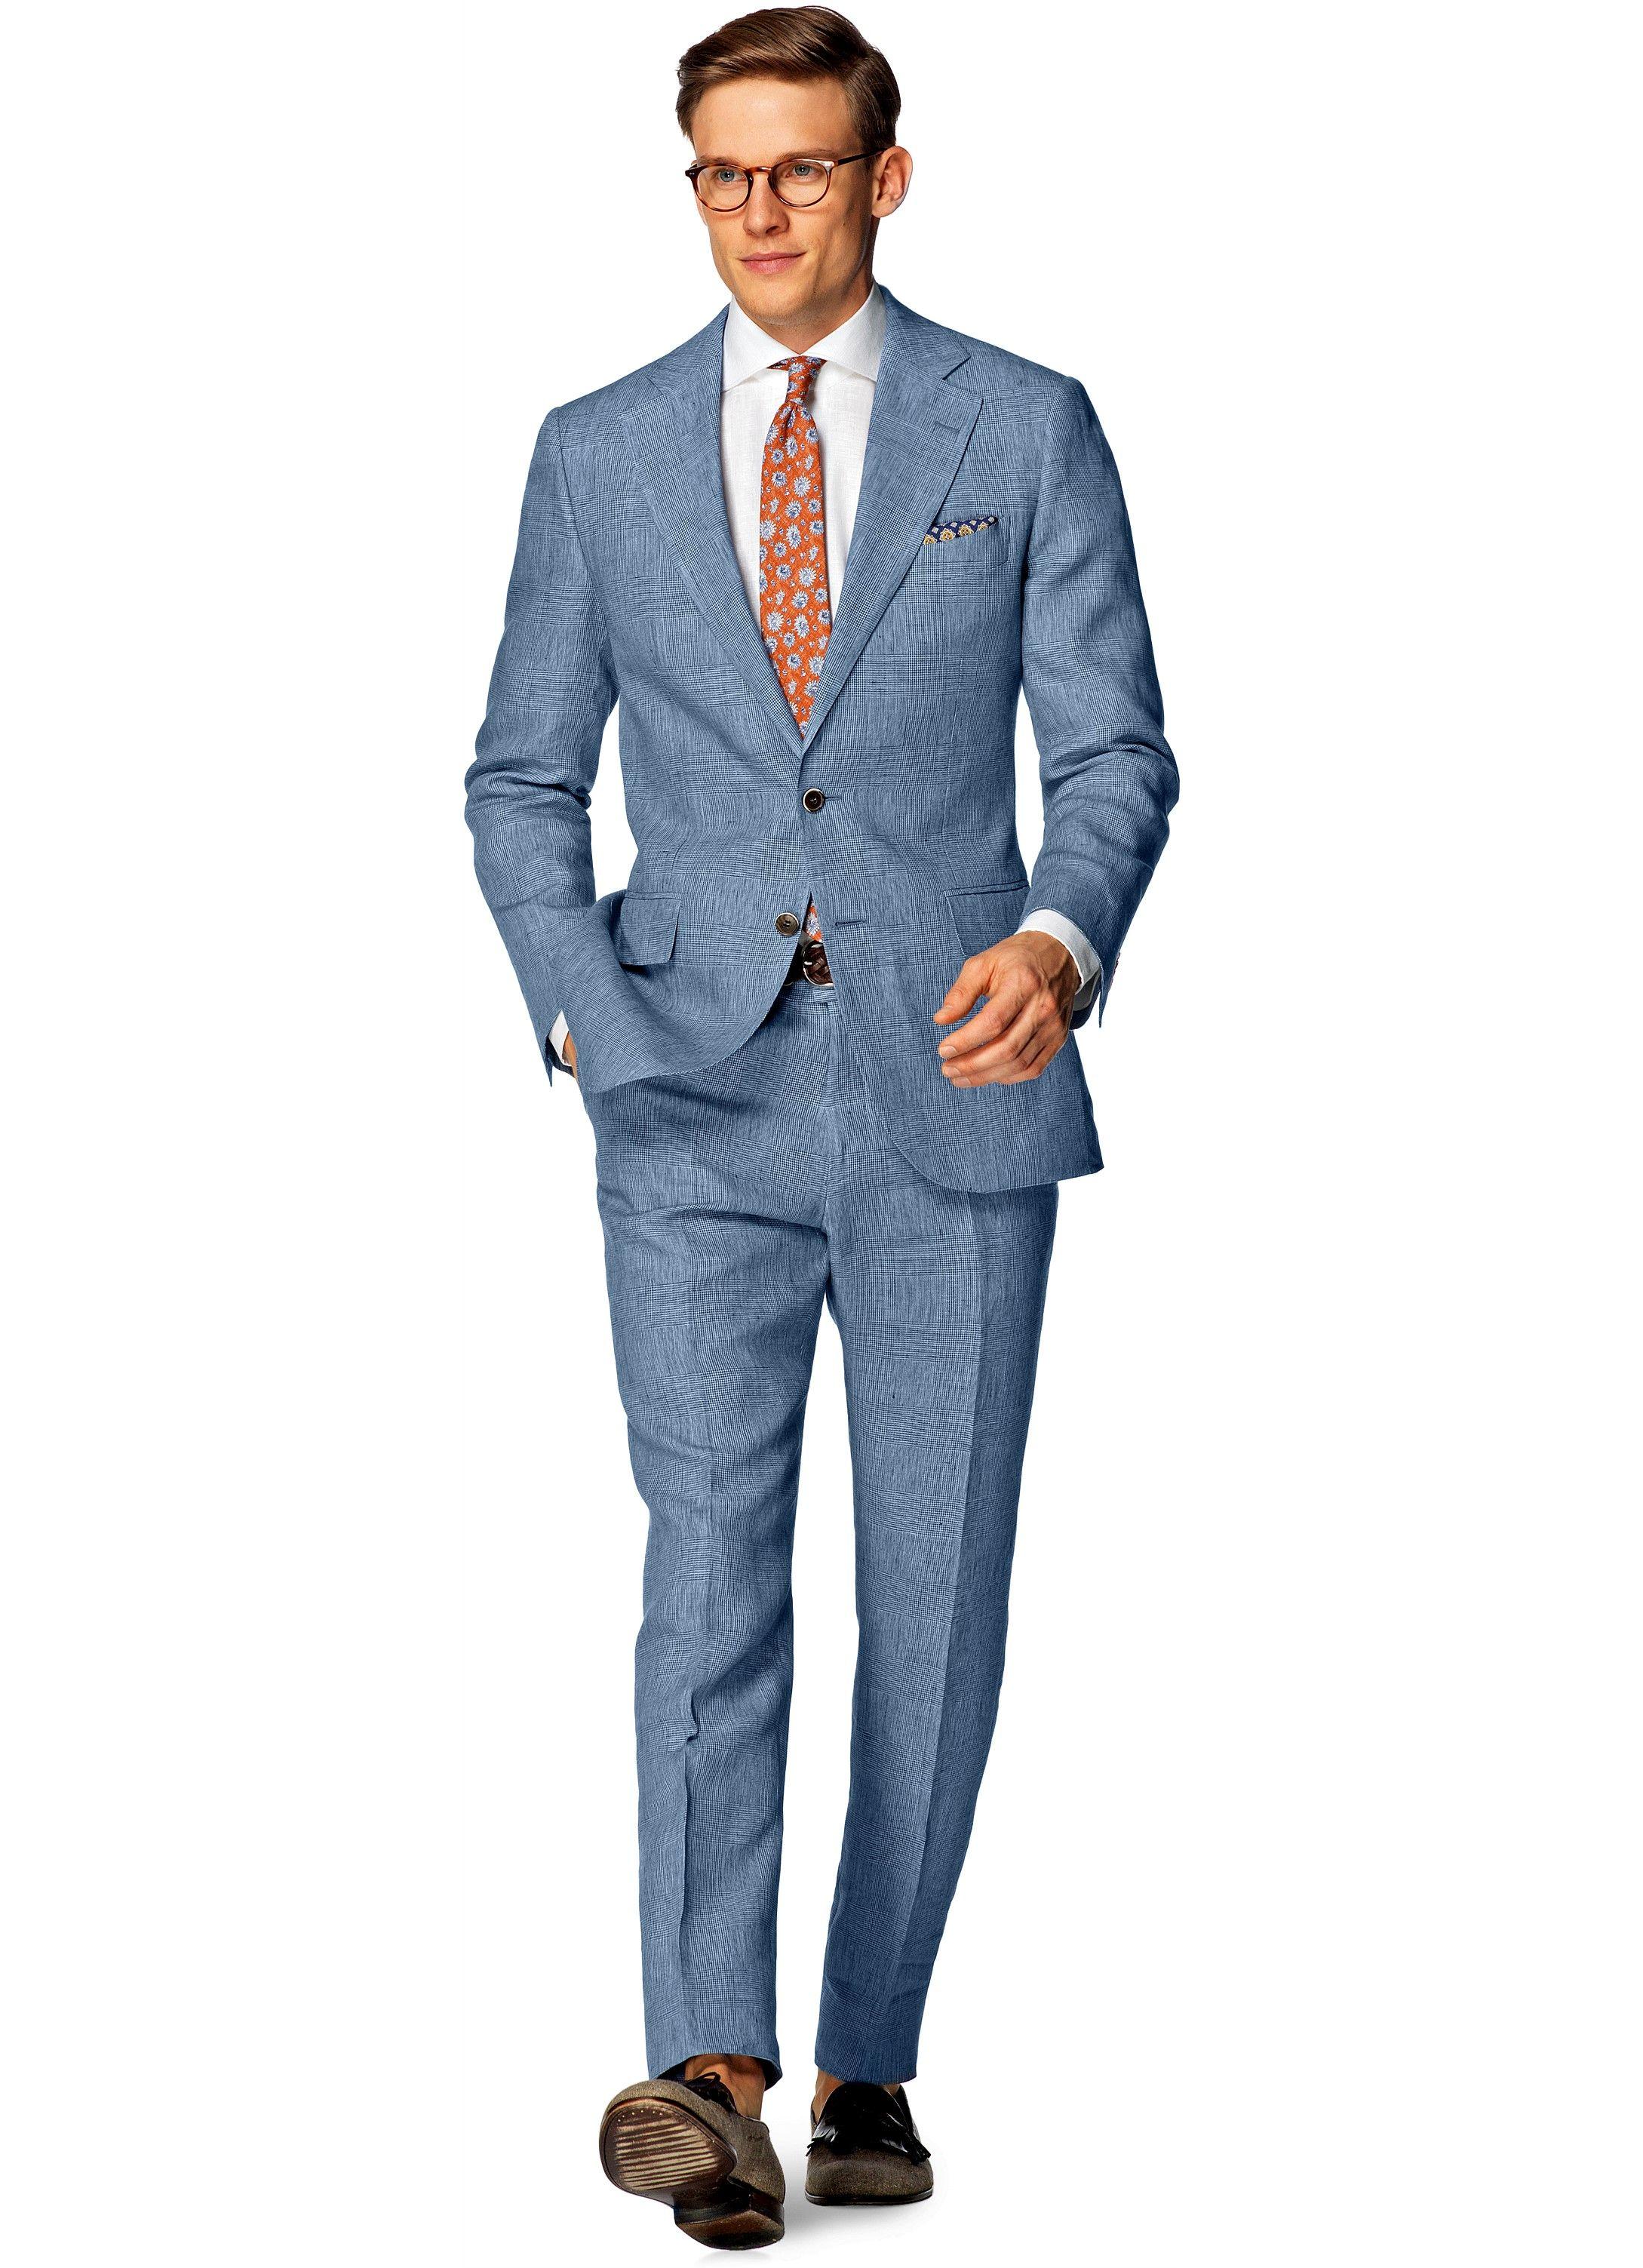 Suit Light Blue Check Lazio P4235i | Suitsupply Online Store ...